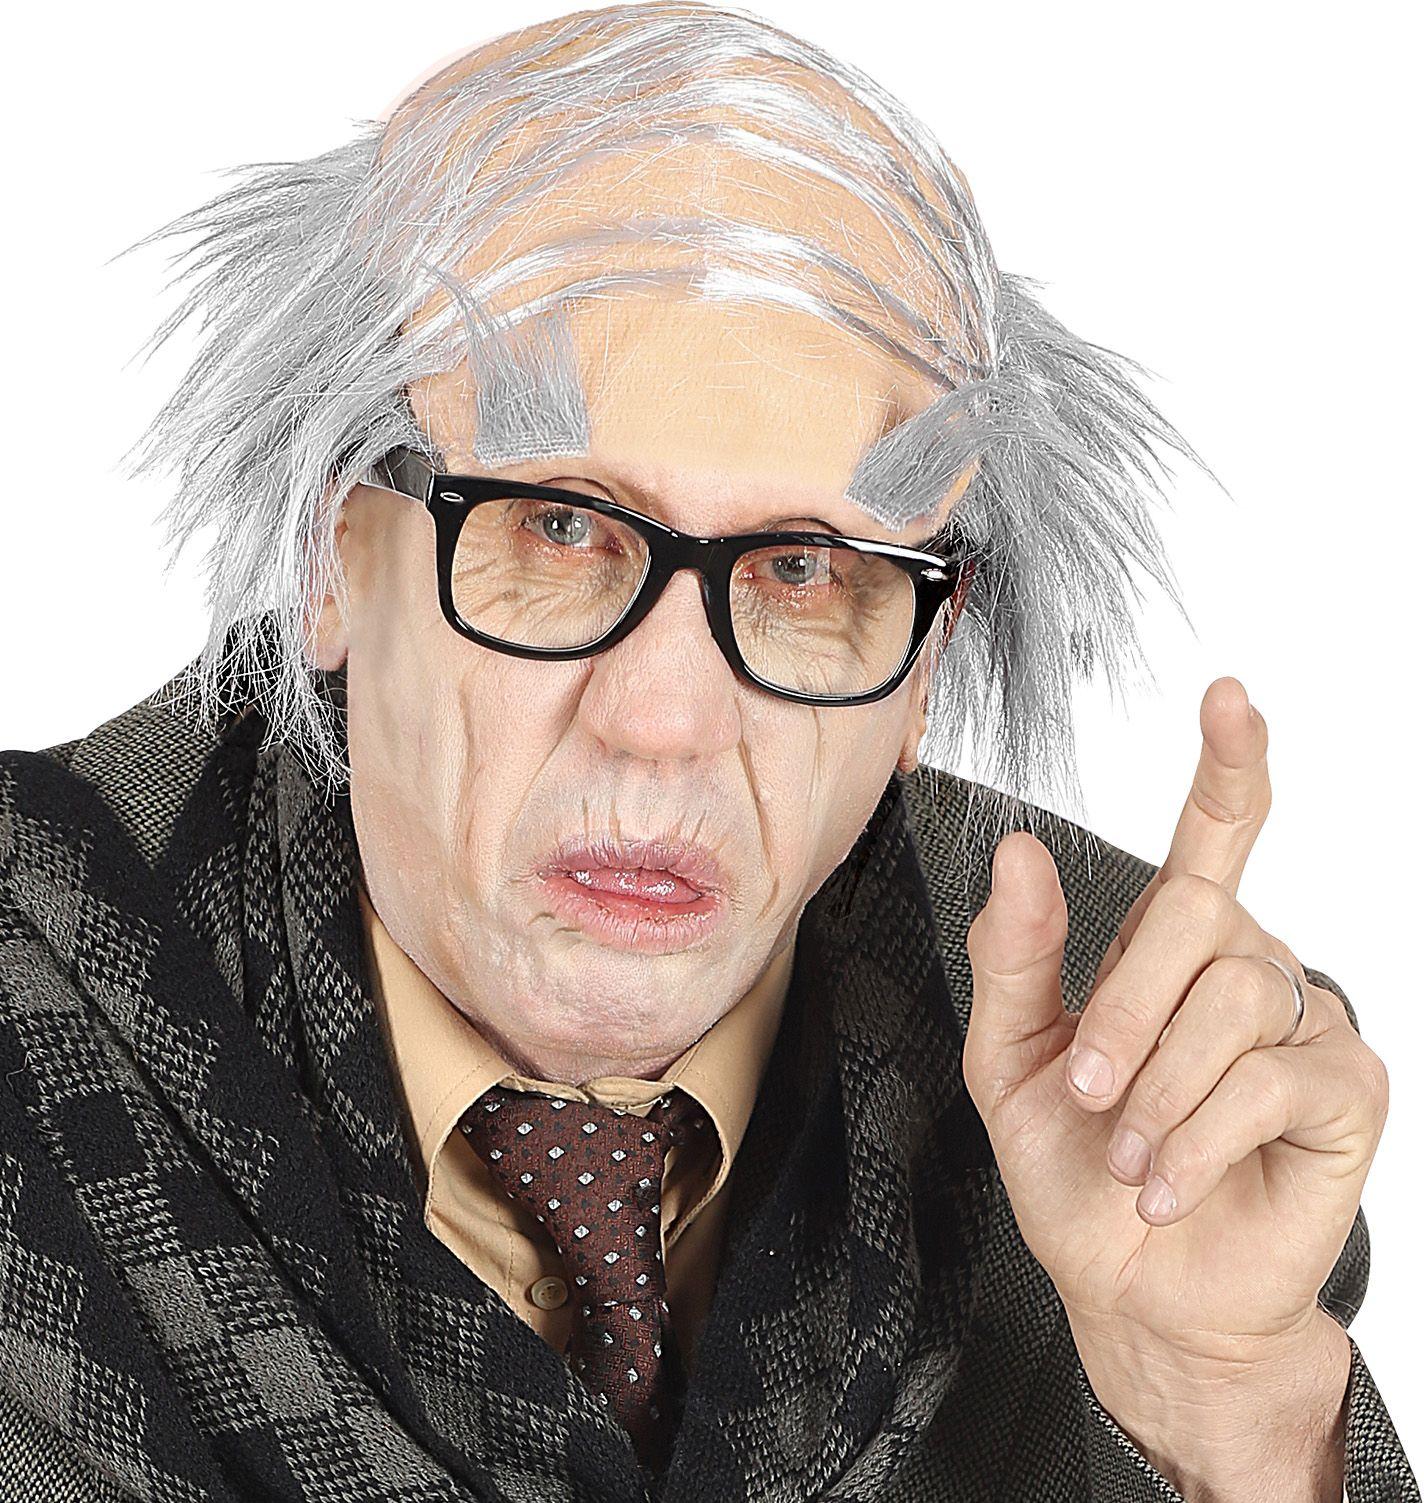 Oude man hoofddeksel met wenkbrauw